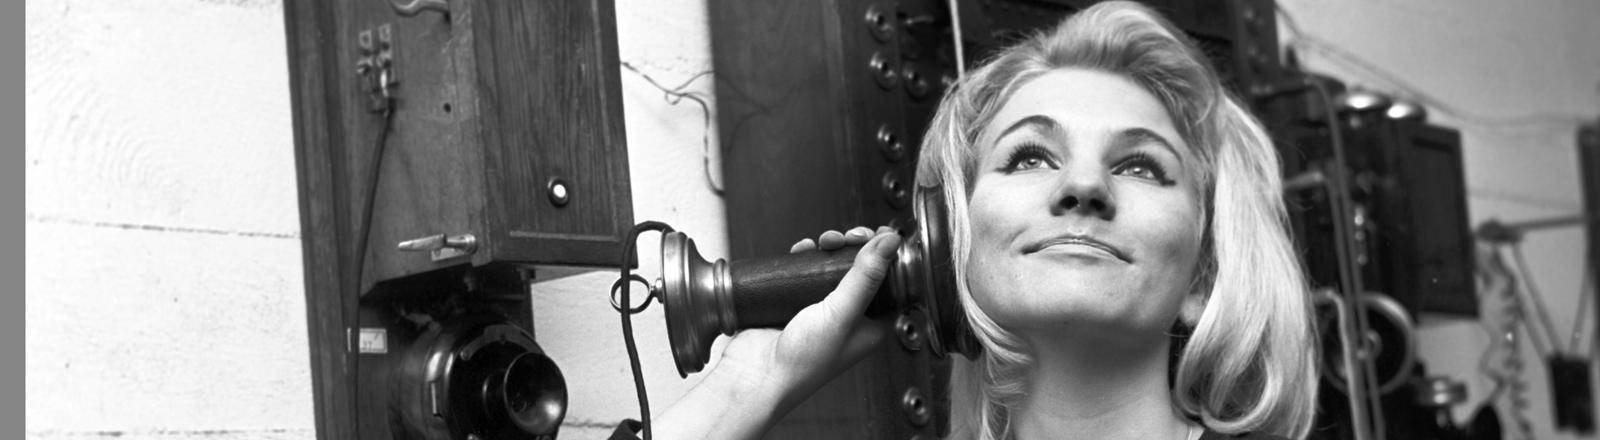 Eine Frau telefoniert mit einem historischen Telefonapparat.